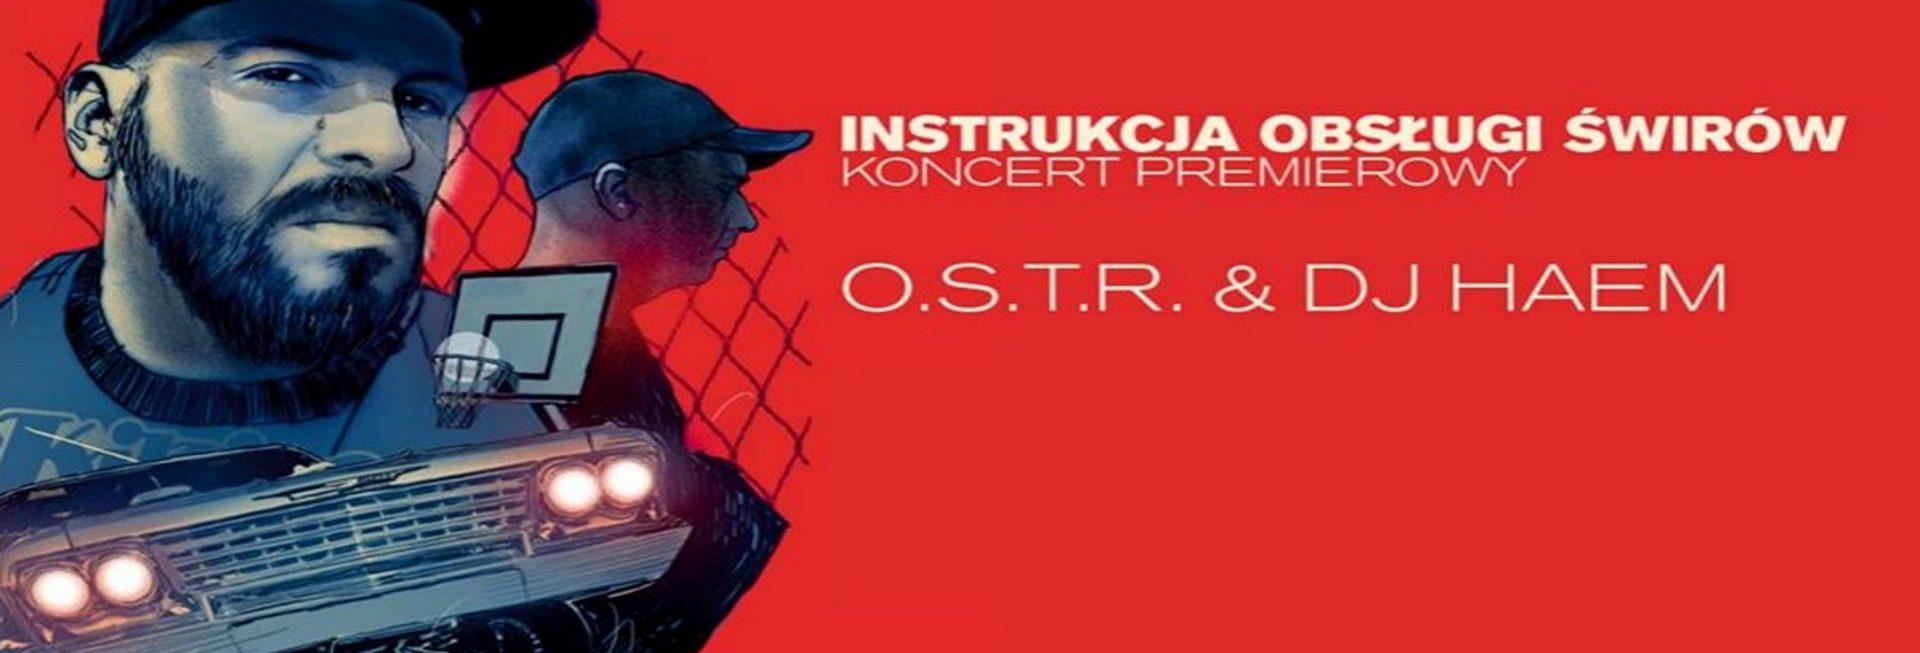 Zdjęcie - plakat na którym jest widoczna postać muzyka przerobiona na formę grafiki postaciowej. Tło plakatu czerwone z napisami zapraszającymi na koncert.